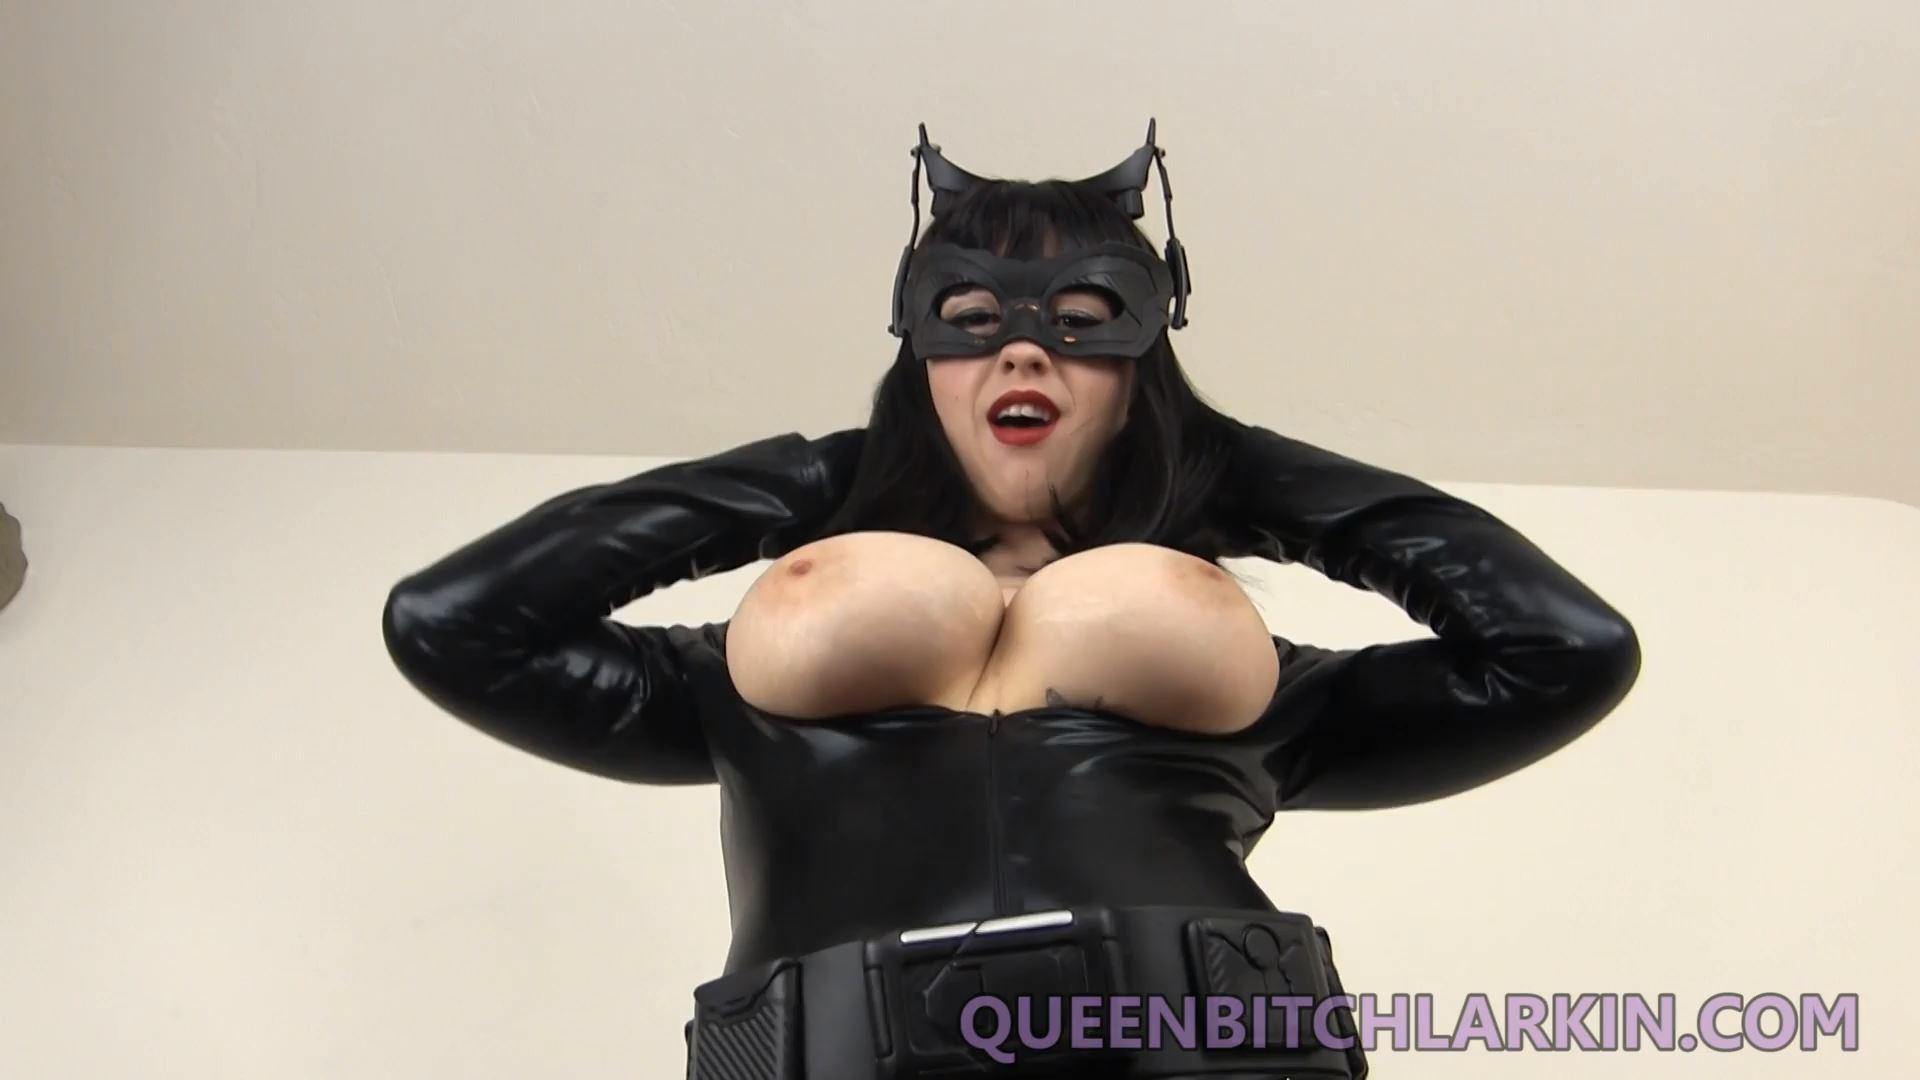 Larkin Love In Scene: Batman Butt Fuck - LARKINLOVE / CLIPS4SALE / QUEEN BITCH LARKIN - FULL HD/1080p/MP4